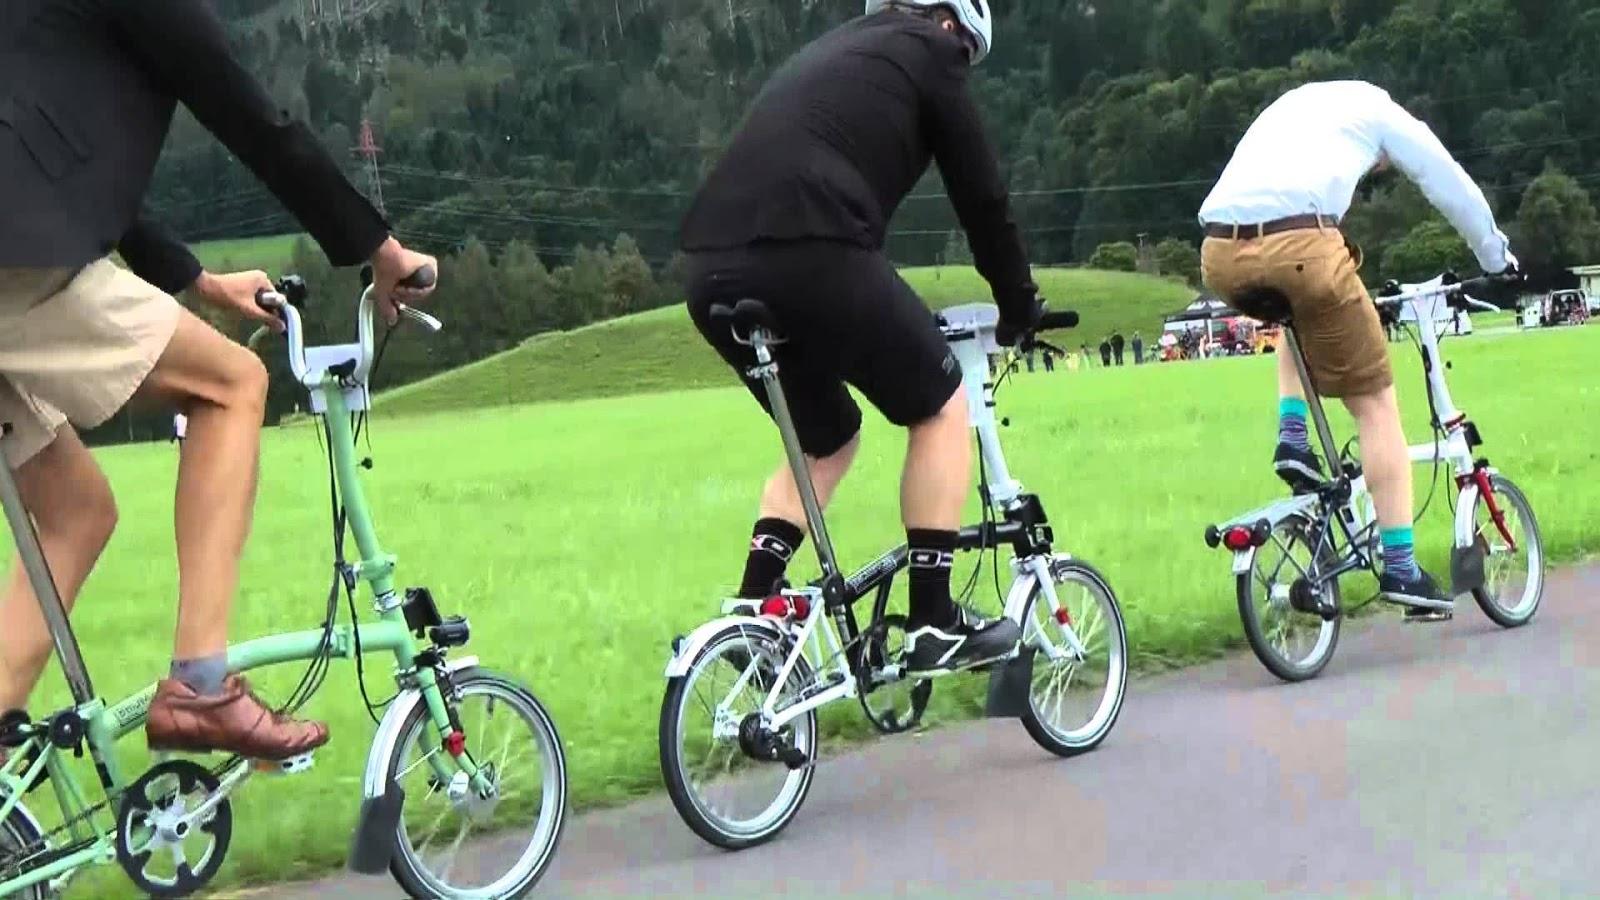 Mengenal Sepeda Brompton dan Tipe-Tipe Yang paling diburu